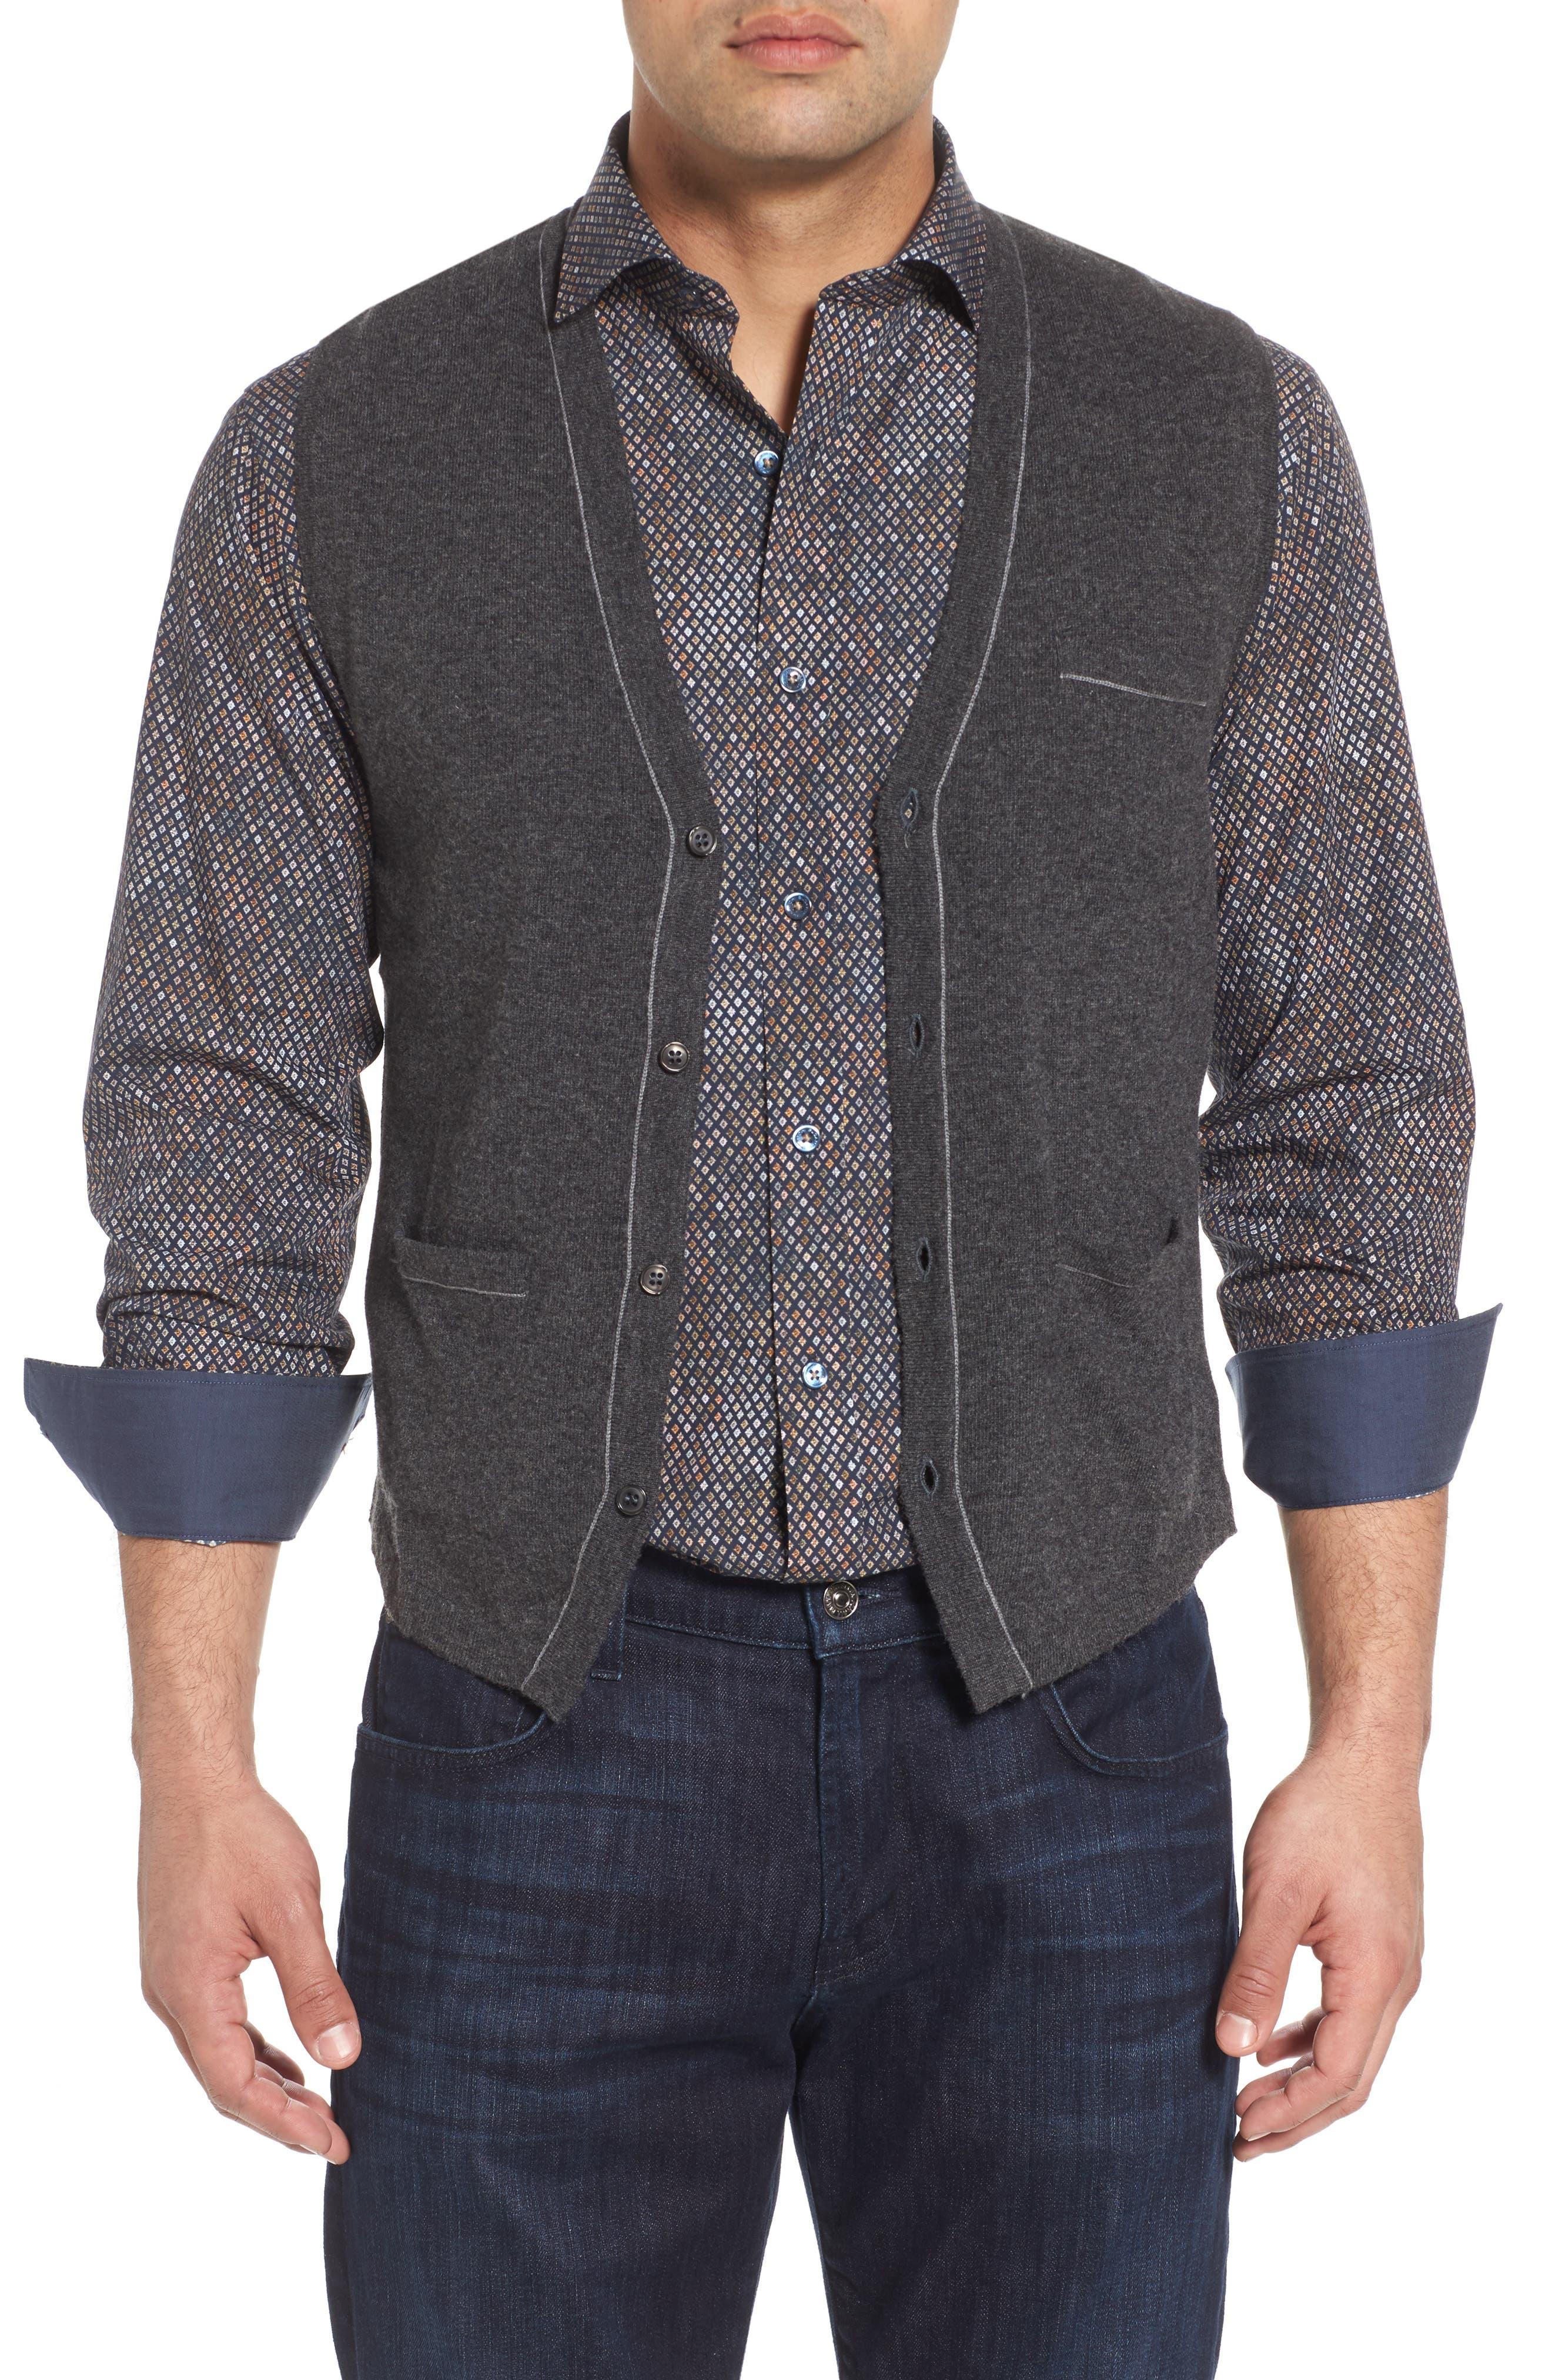 Men's Grey Sweater Vests | Nordstrom